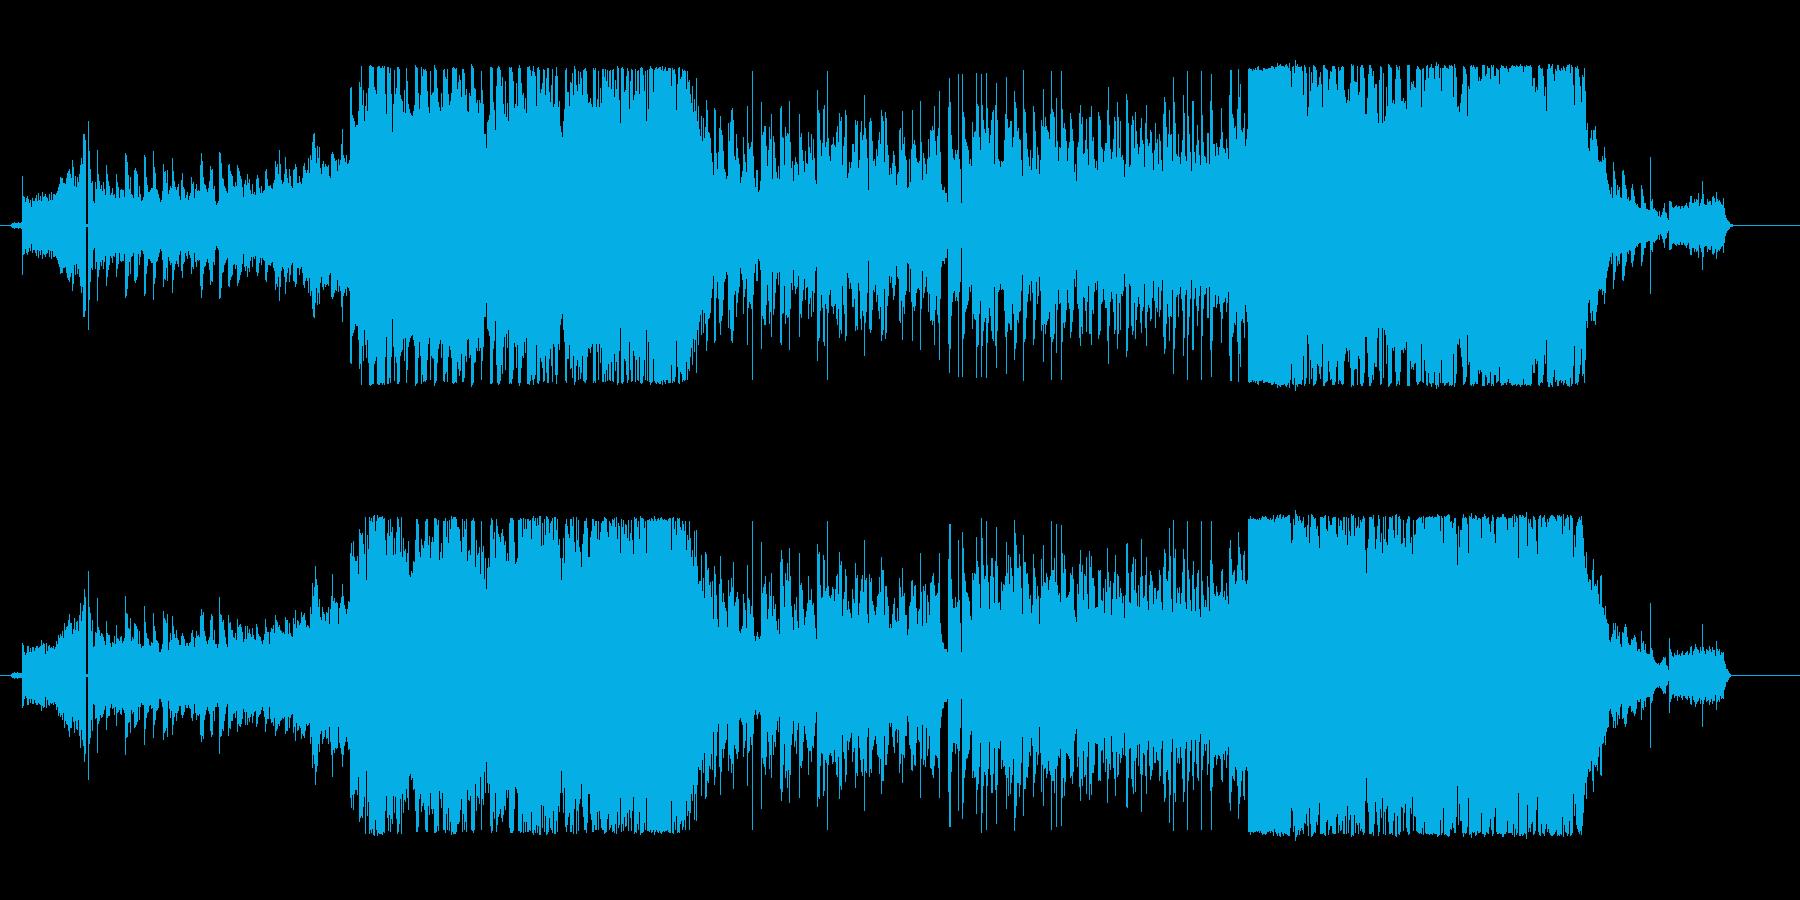 明るく元気なかわいらしいエレクトロPOPの再生済みの波形